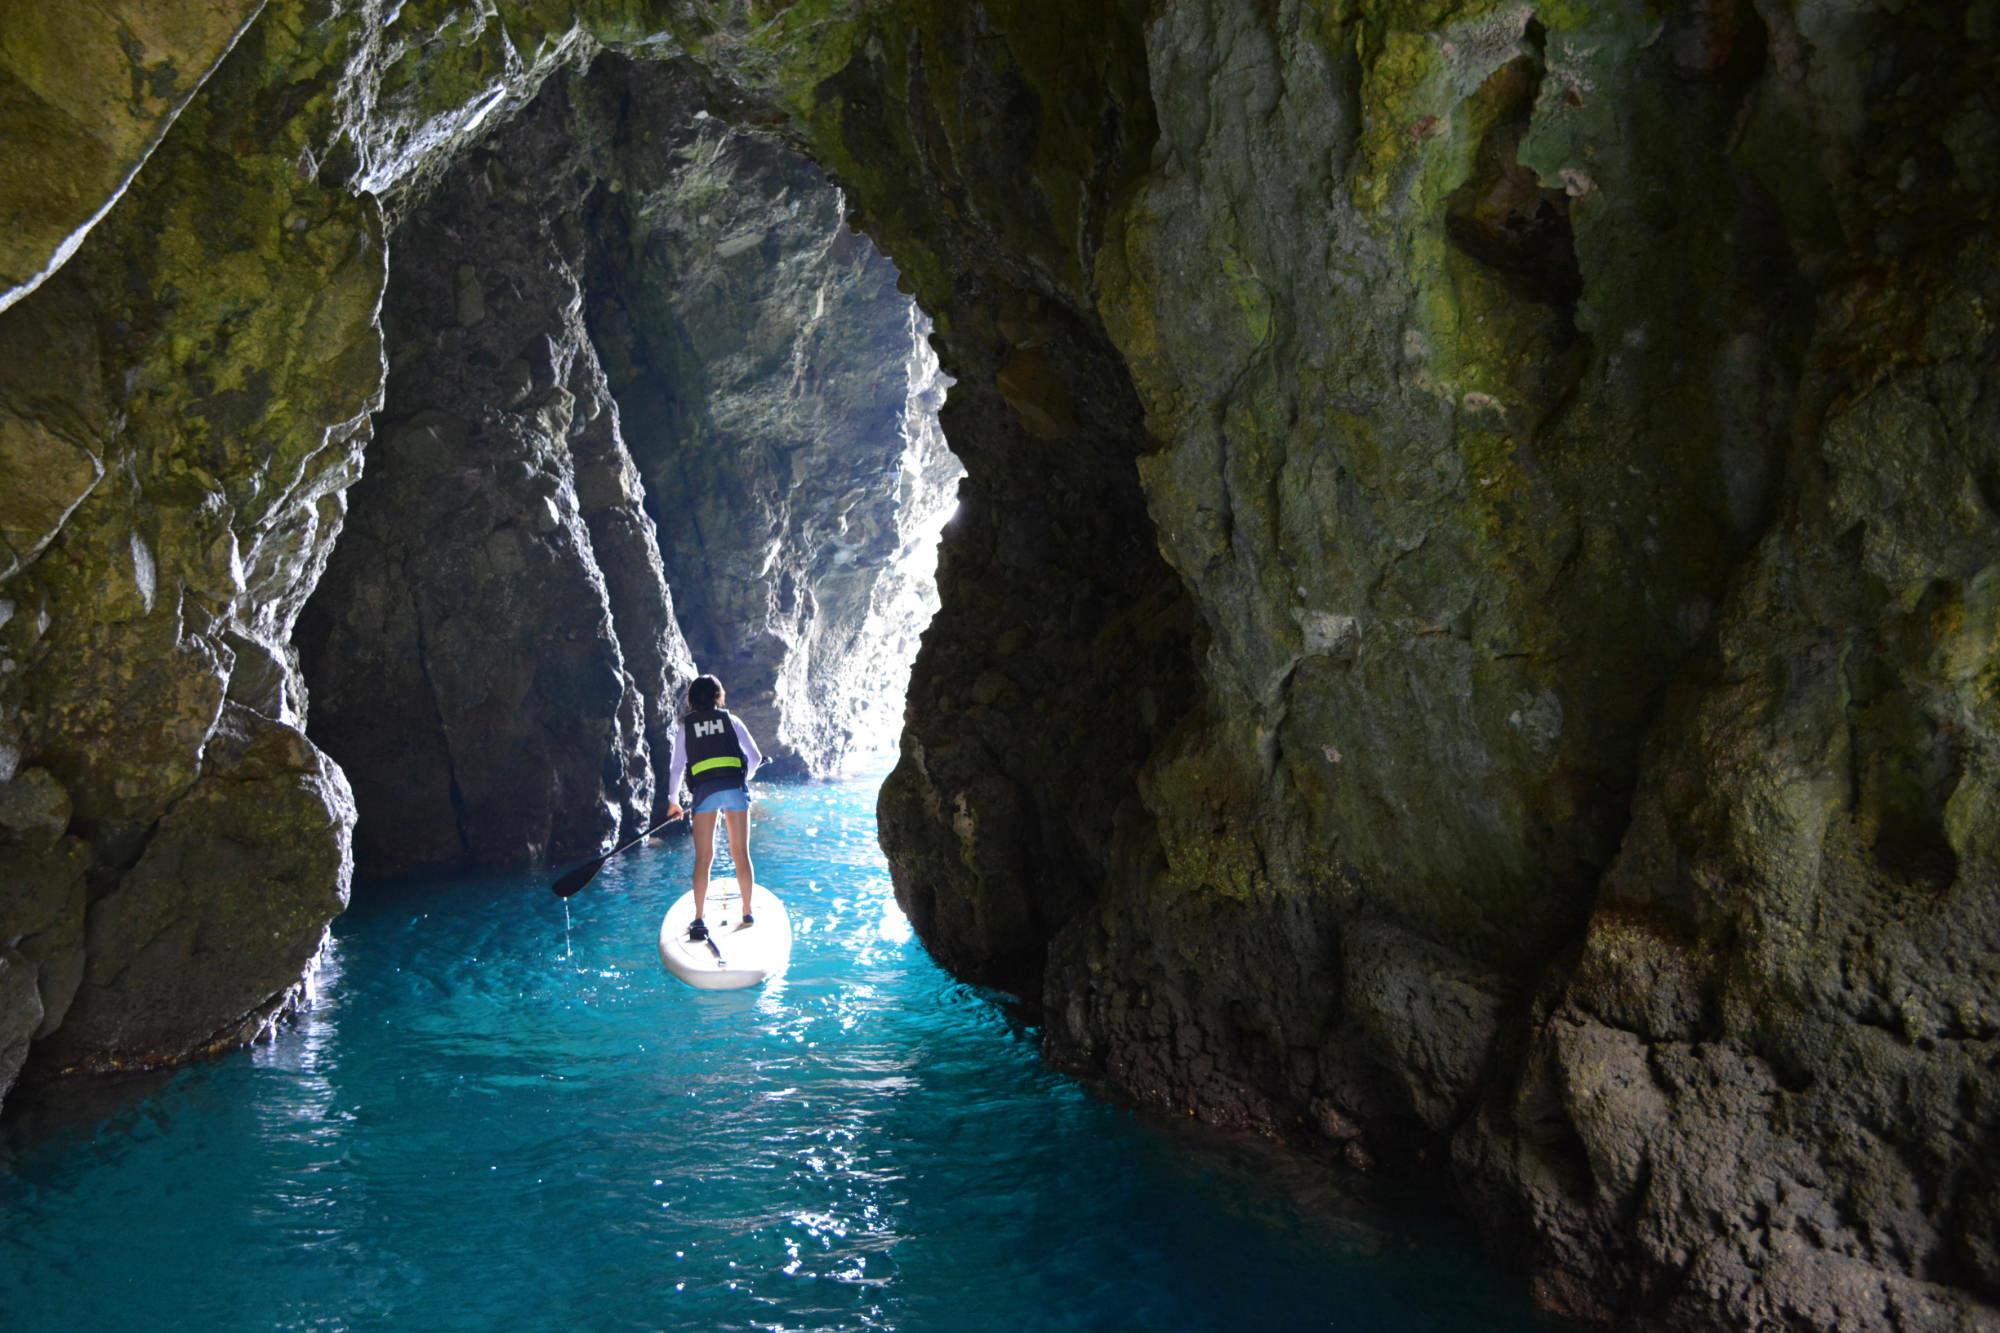 ドキドキ!美しい青の洞窟を探索しましょう!